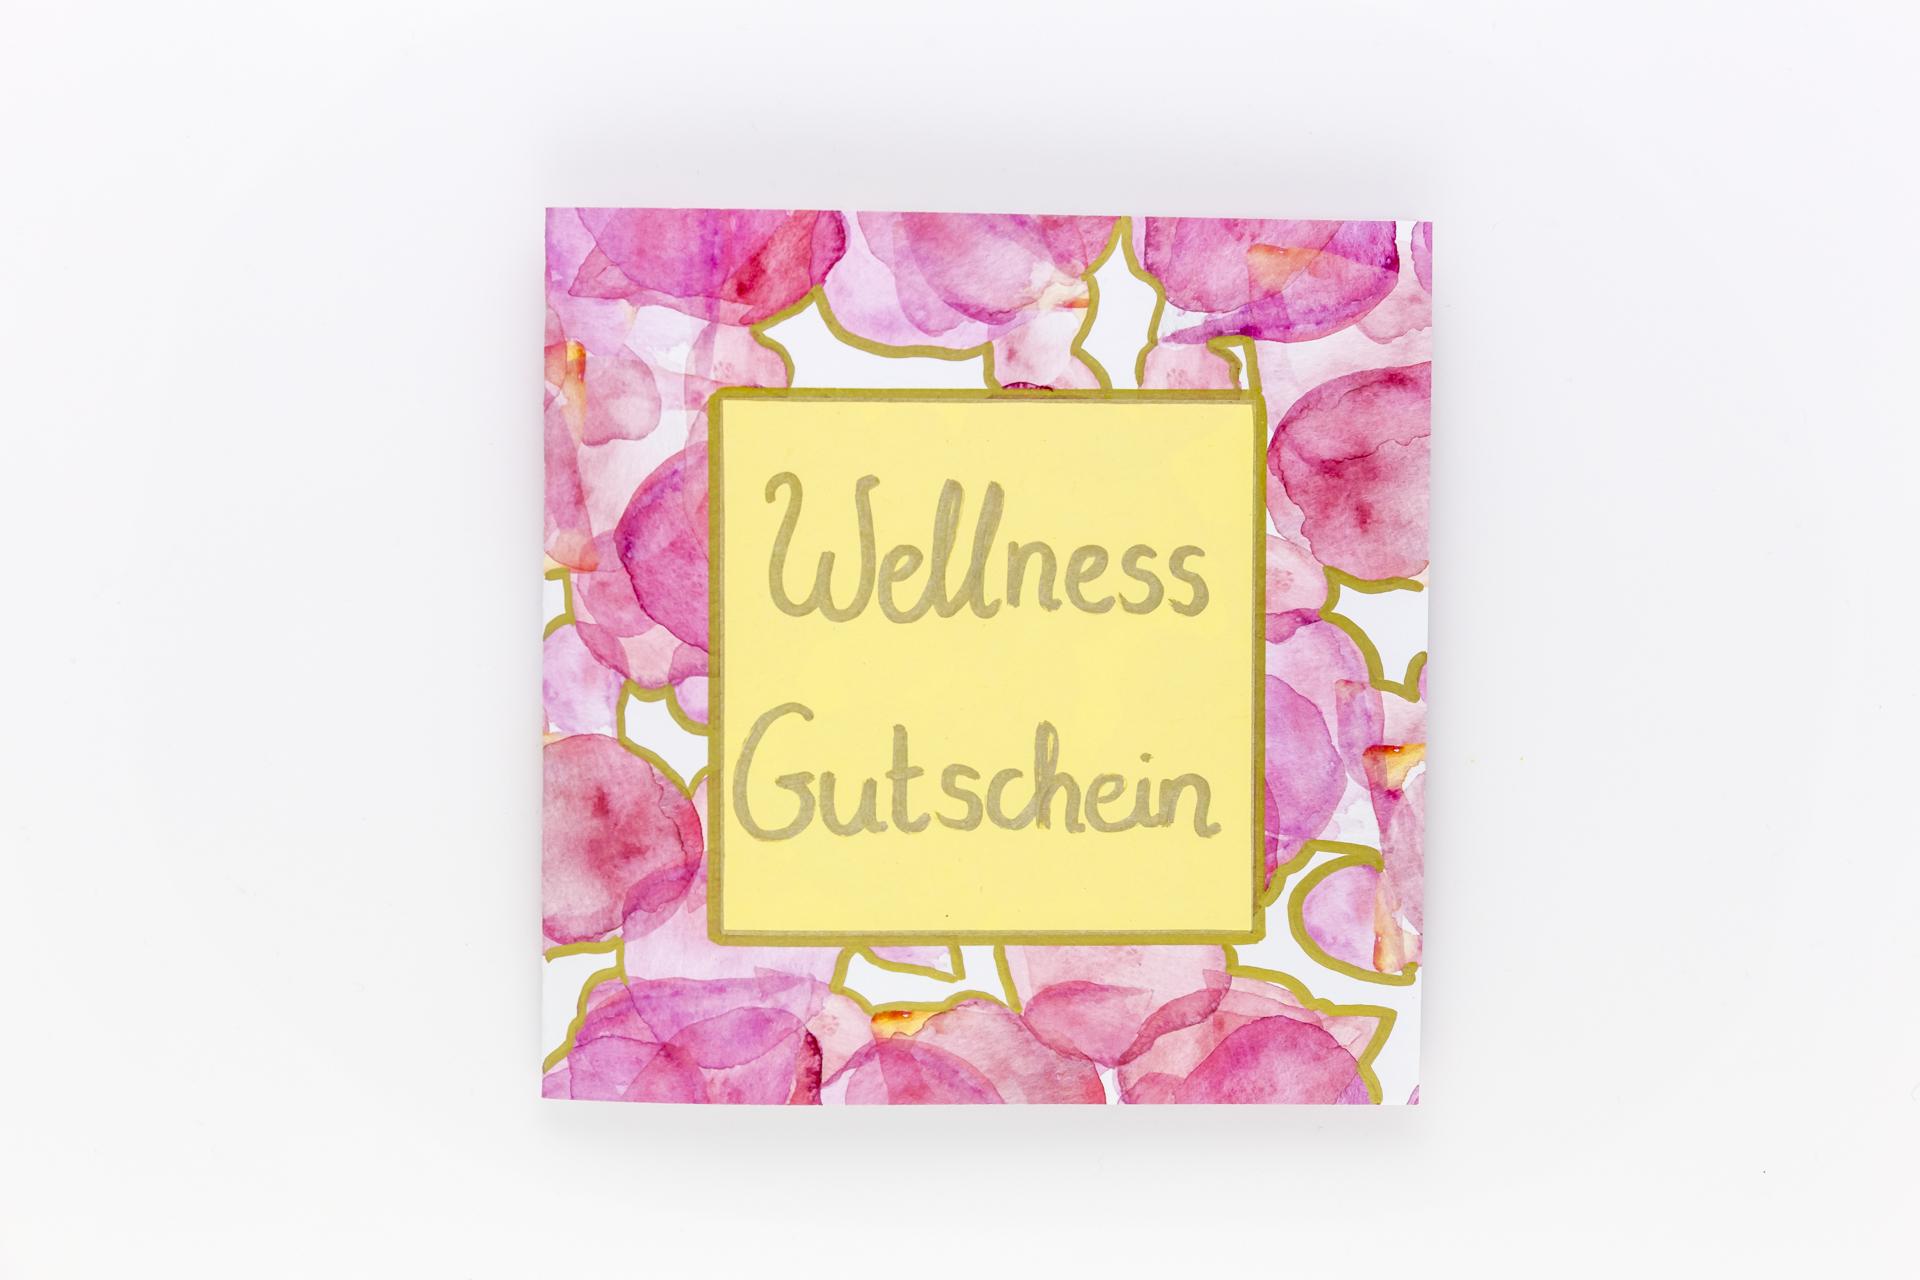 wellness gutschein selbstgemacht